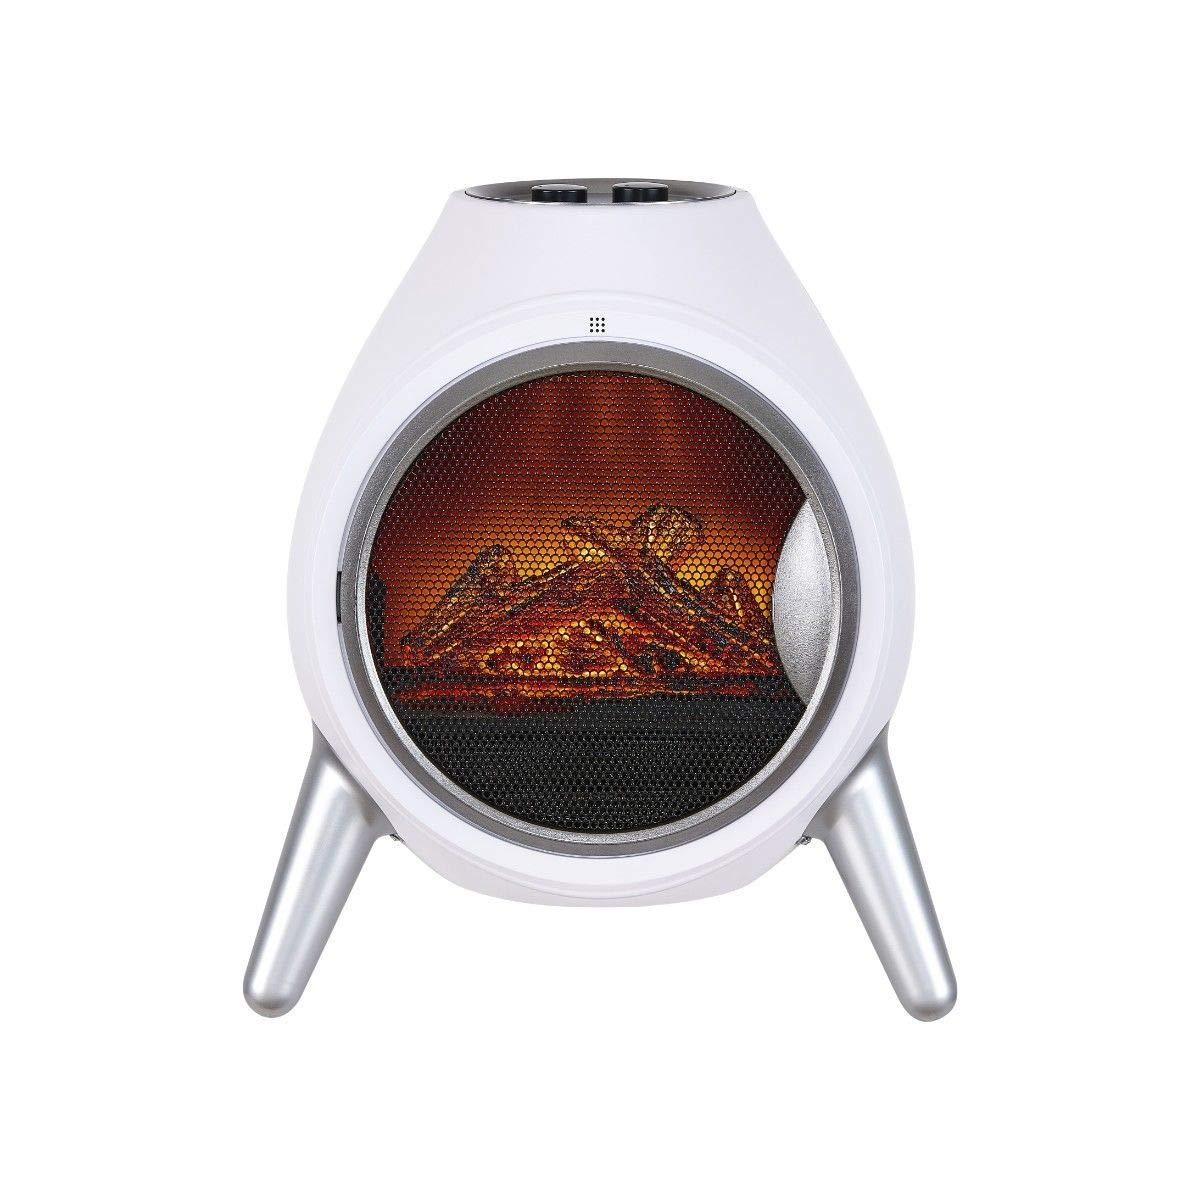 60 x 75 mm Roura Mini Terracotta Citronella Candle Pot One Size Wax Multicolour